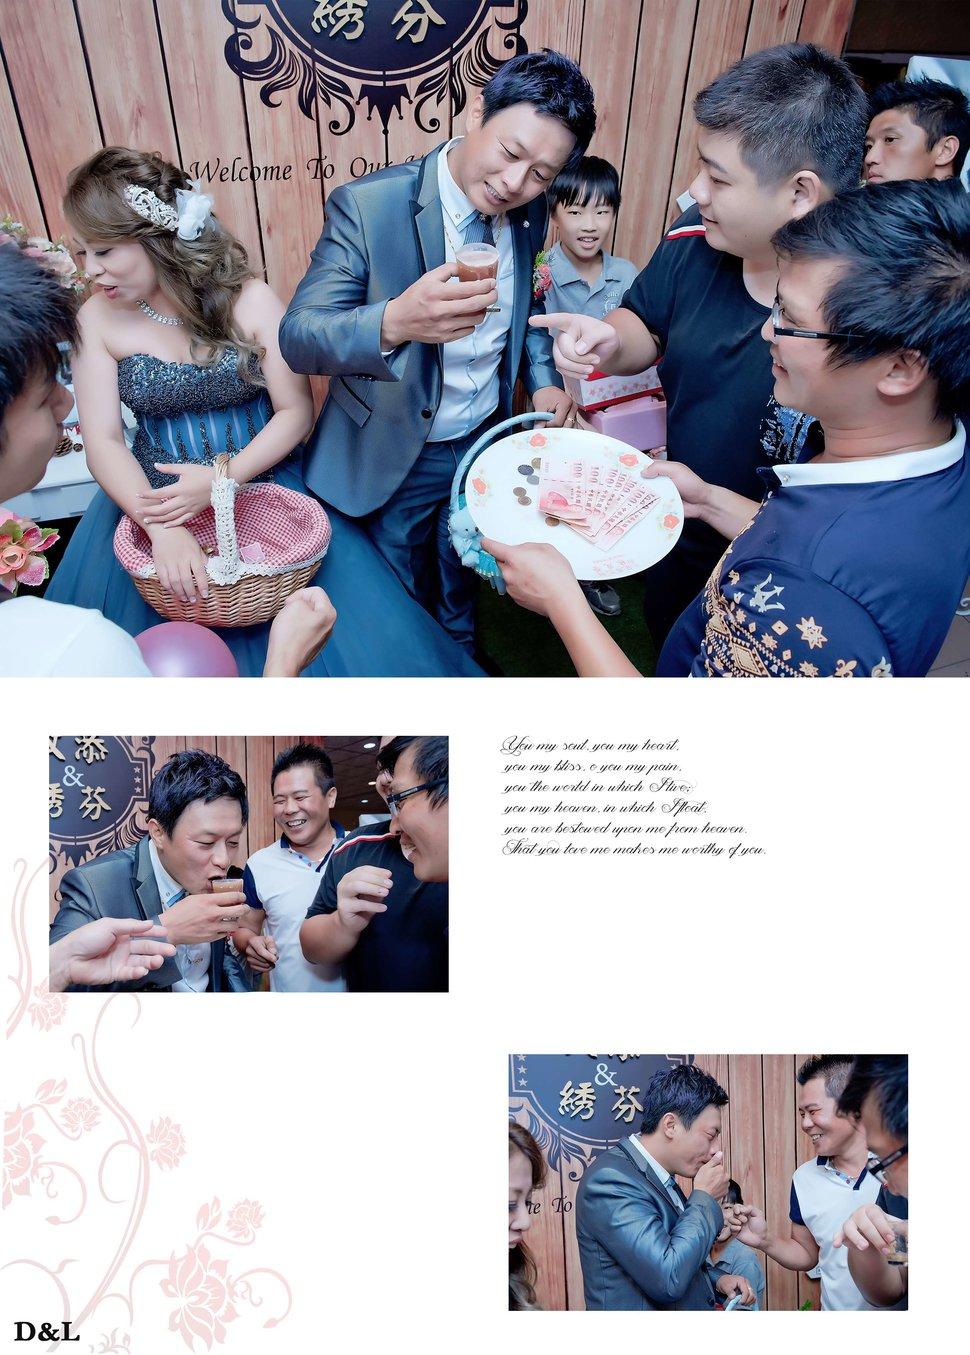 婚禮紀錄-敬添&綉芬(編號:253249) - D&L 婚禮事務-婚紗攝影/婚禮記錄 - 結婚吧一站式婚禮服務平台